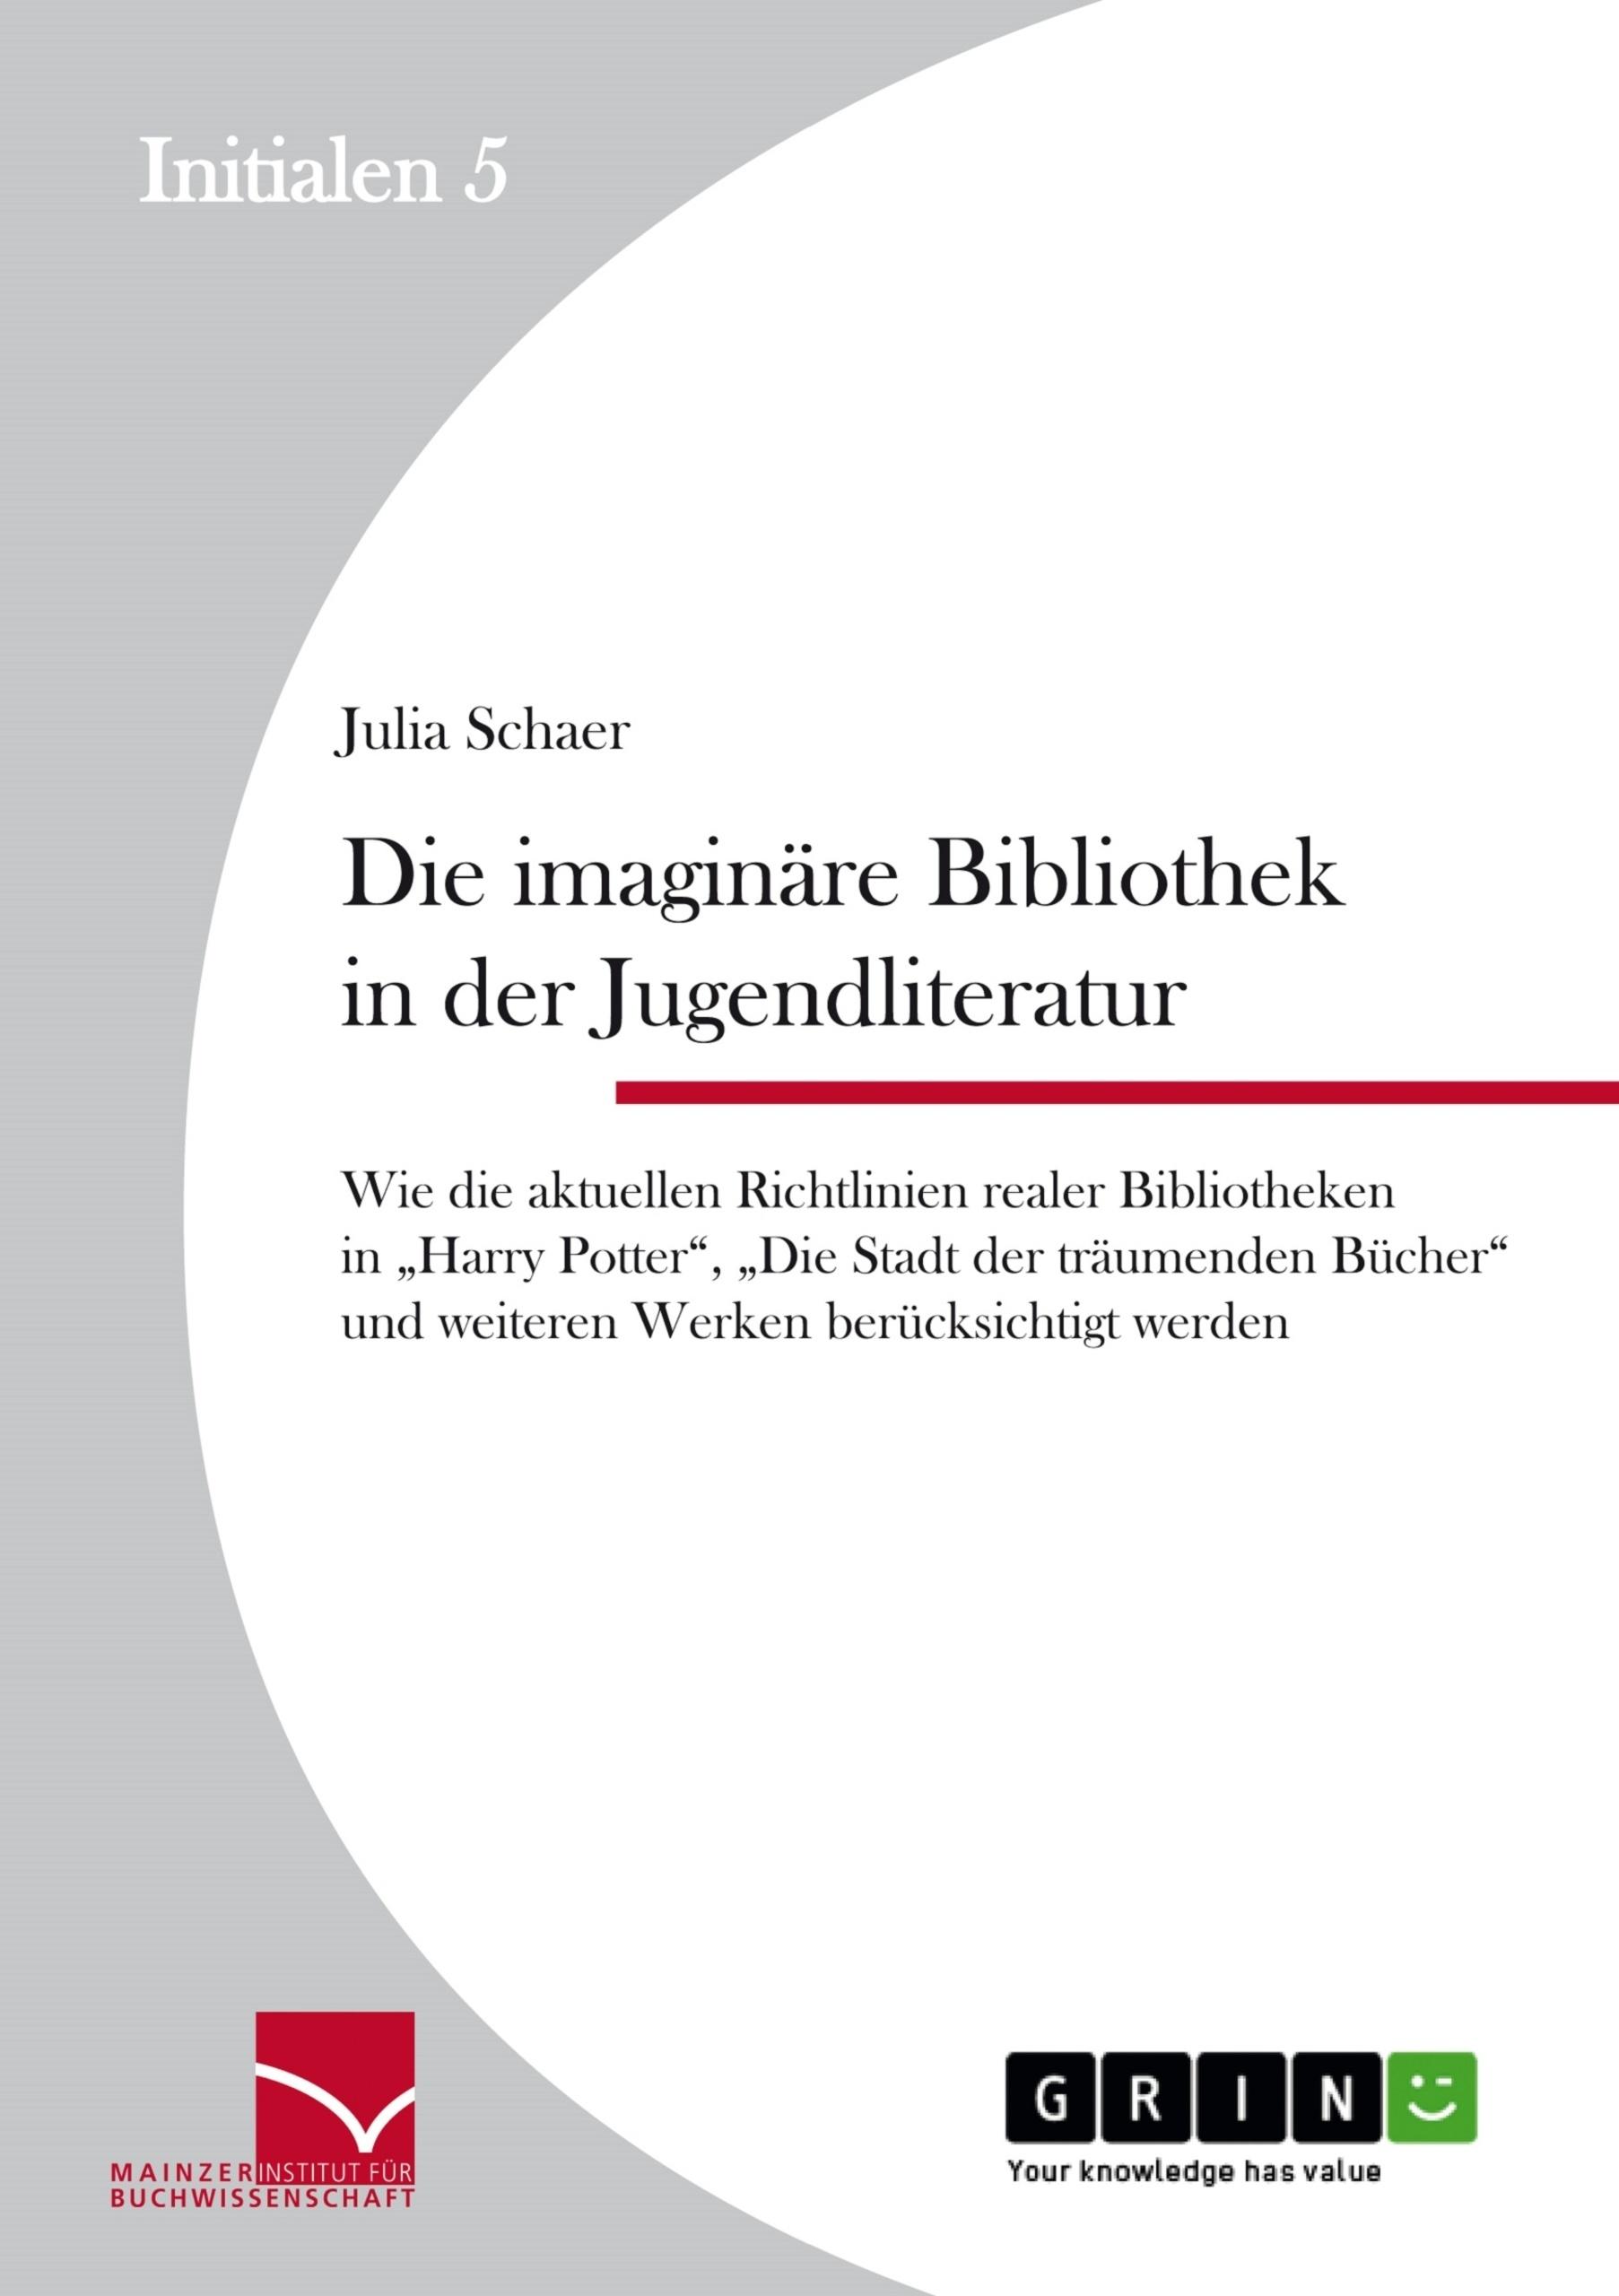 Titel: Die imaginäre Bibliothek in der Jugendliteratur